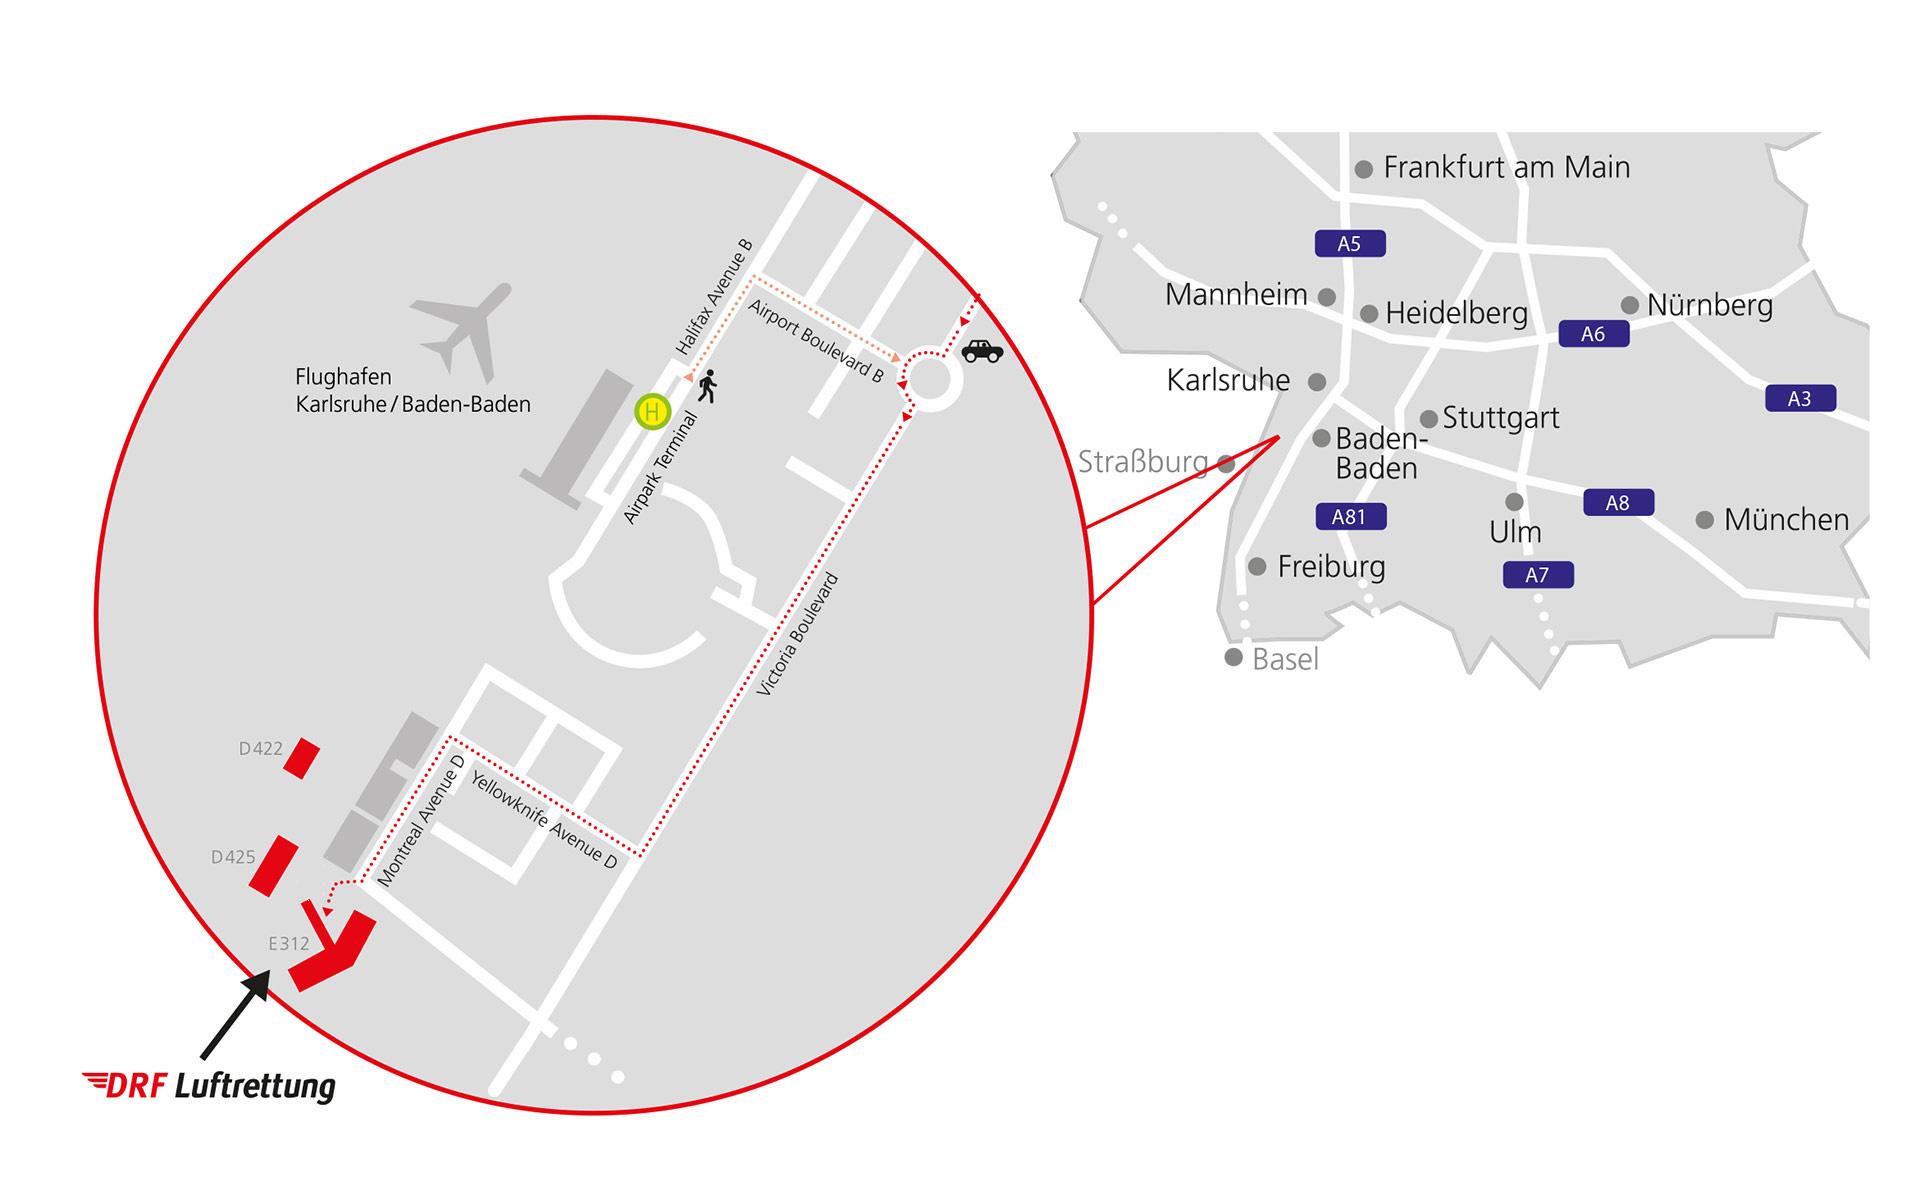 Ihr Weg zu uns nach Rheinmüster. Eine ausführliche Wegbeschreibung für die Anreise per Auto und Bahn finden Sie unten in den Downloads. Bitte beachten Sie, dass die Zufahrt nur über Söllingen oder Hügelsheim möglich ist. Das Schiftunger Tor ist an diesem Tag gesperrt.